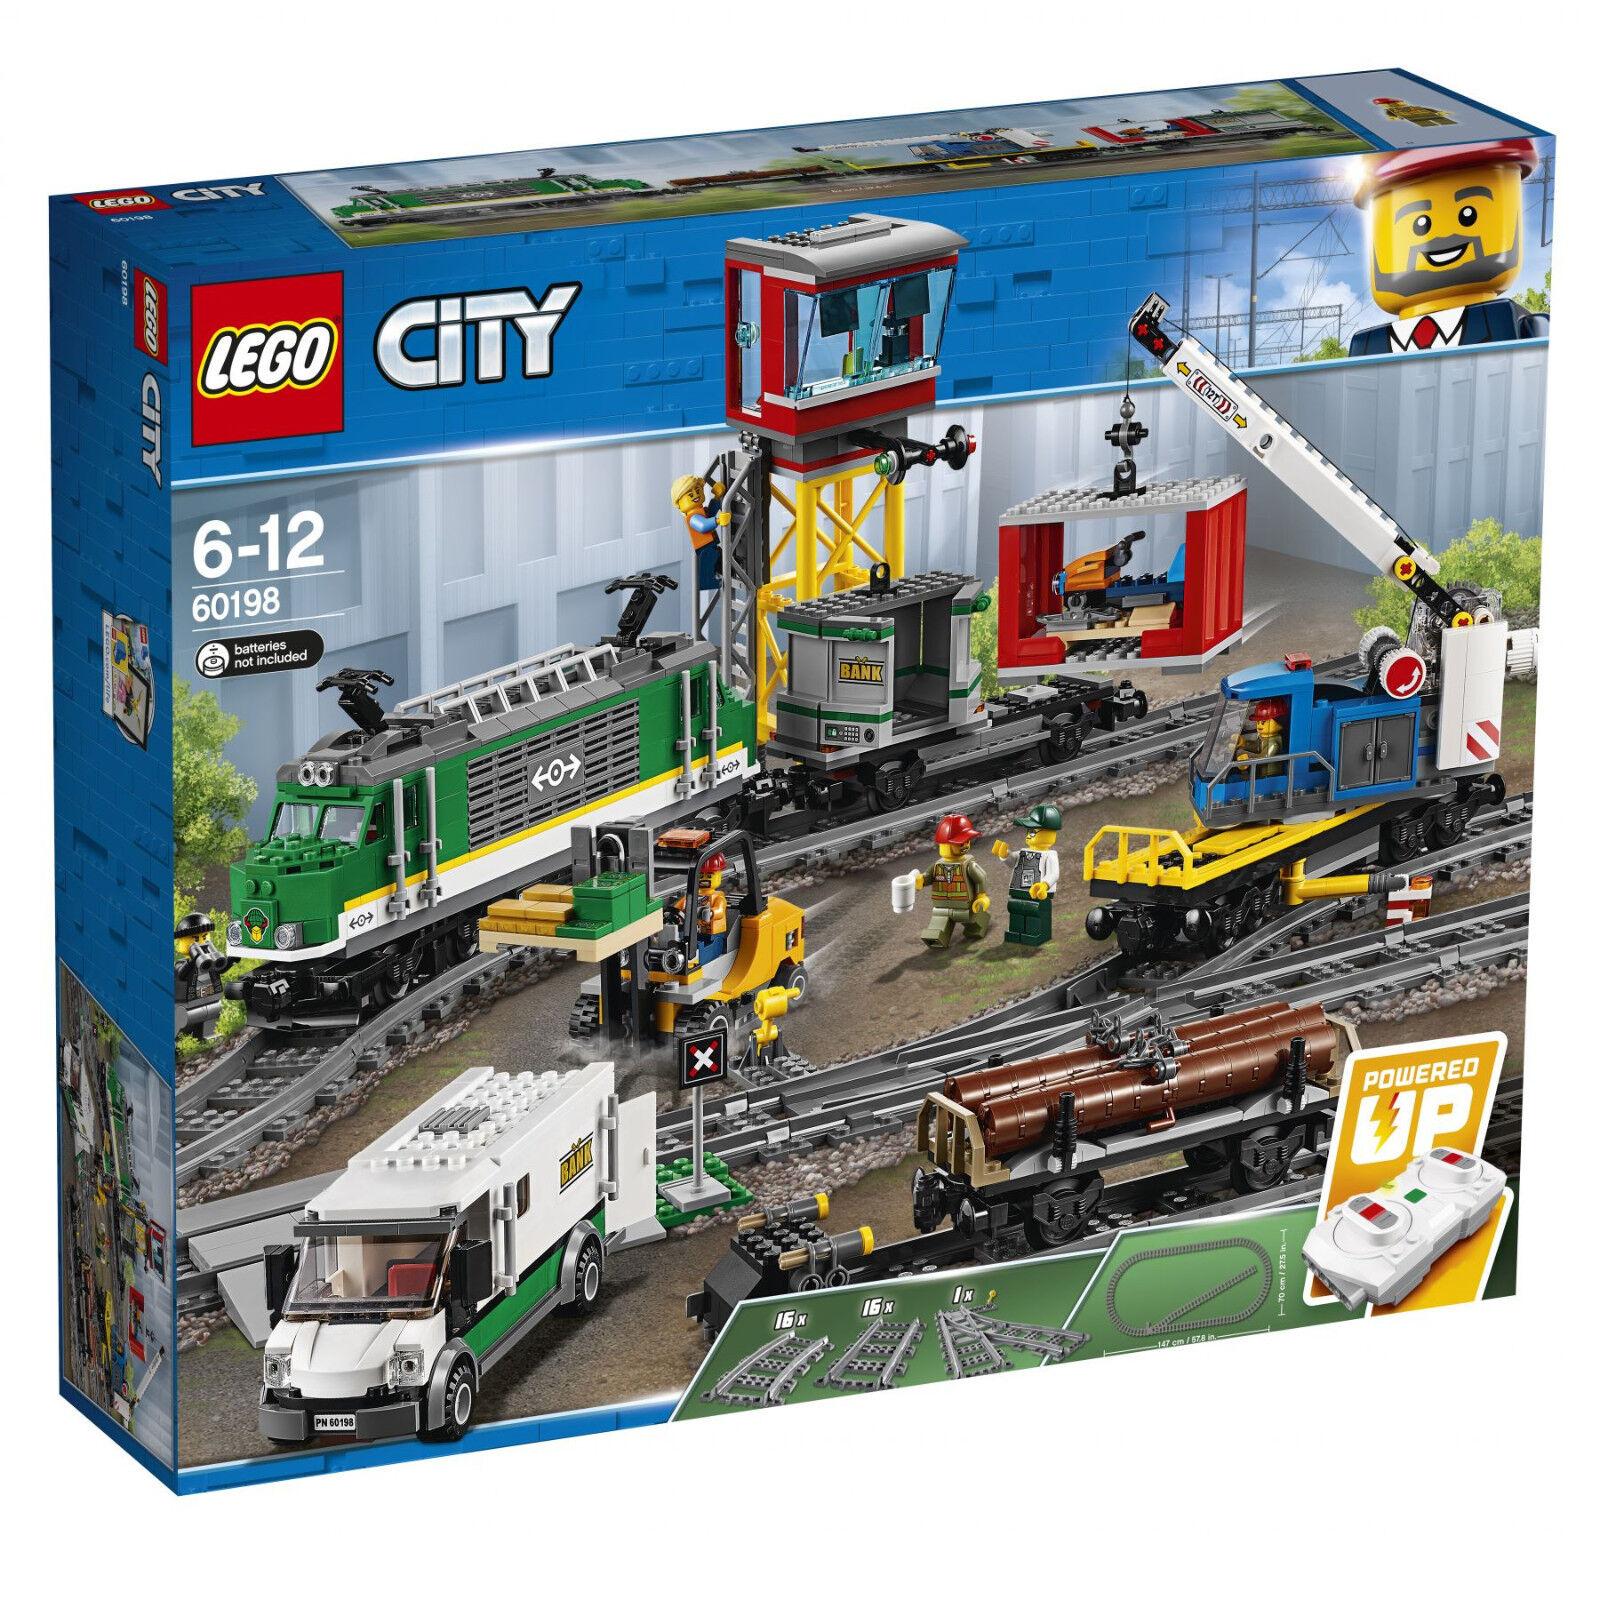 liquidazione fino al 70% LEGO ® città treno merci 60198 NUOVO OVP SPEDIZIONE LAMPO LAMPO LAMPO spedizione diretta  prezzo all'ingrosso